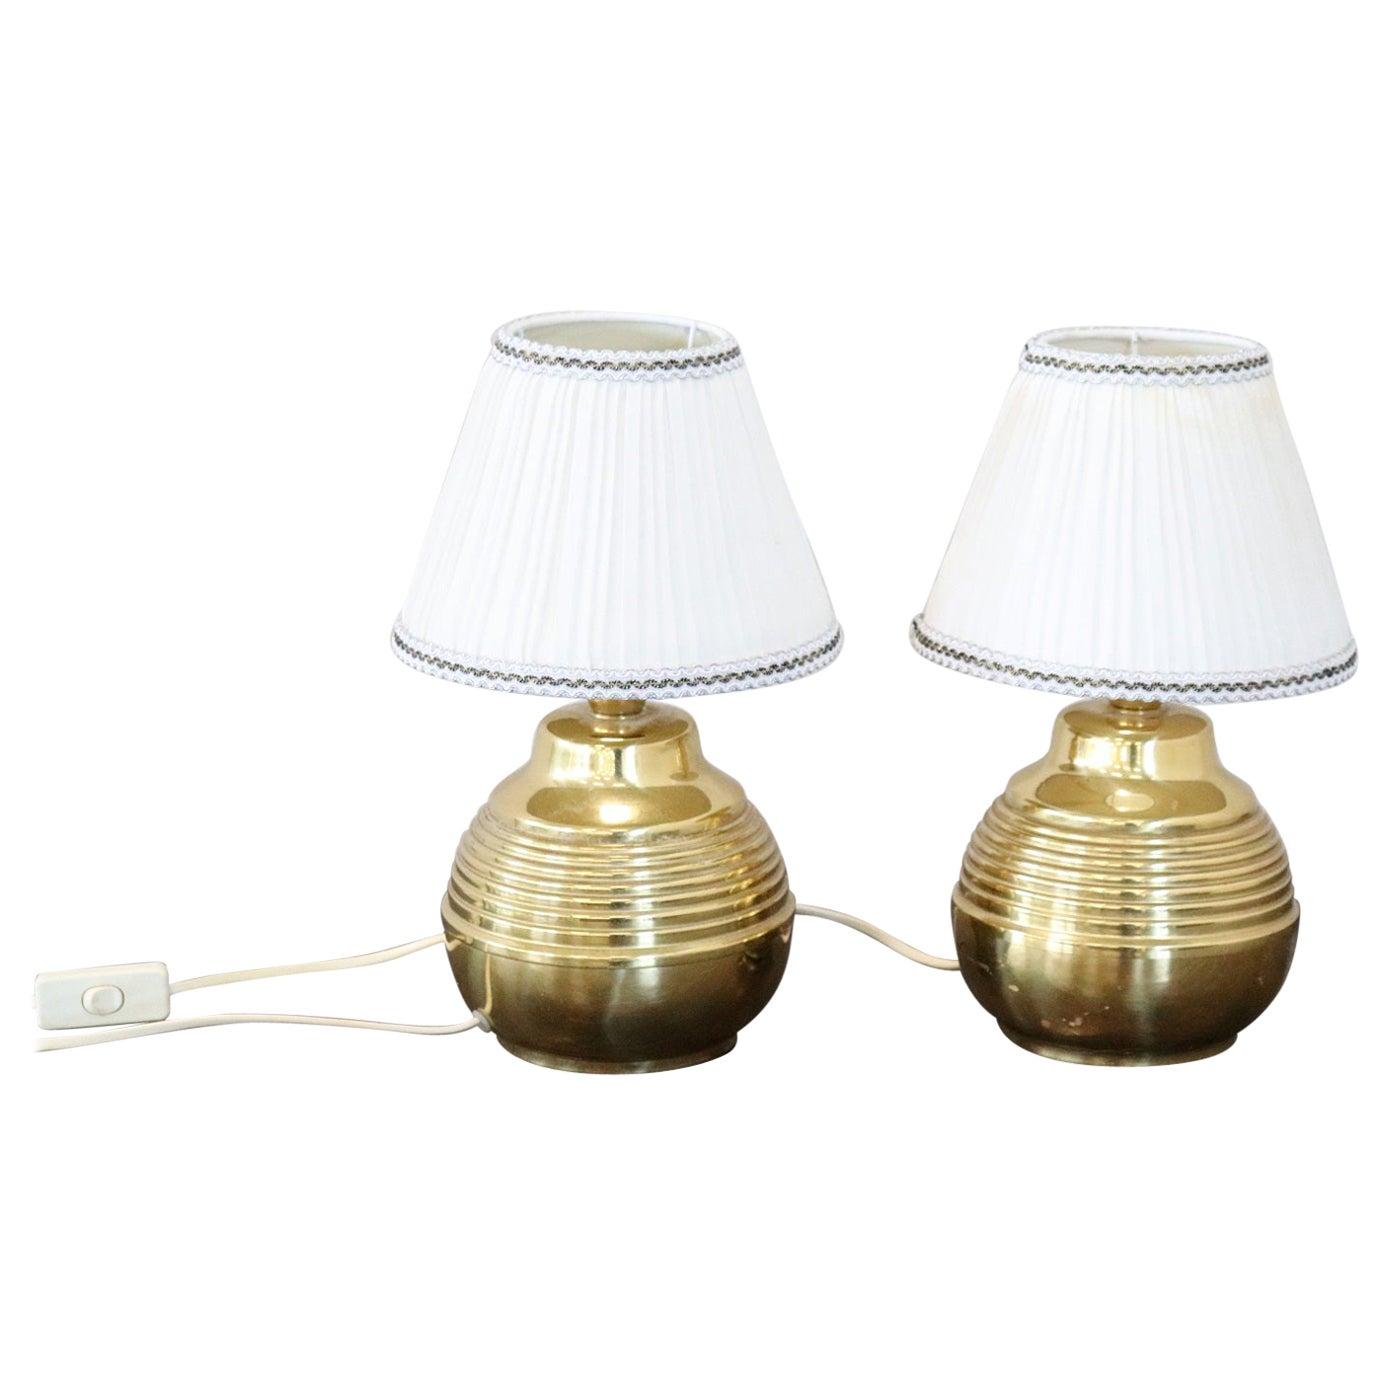 20th Century Italian Golden Brass Pair of Table Lamp